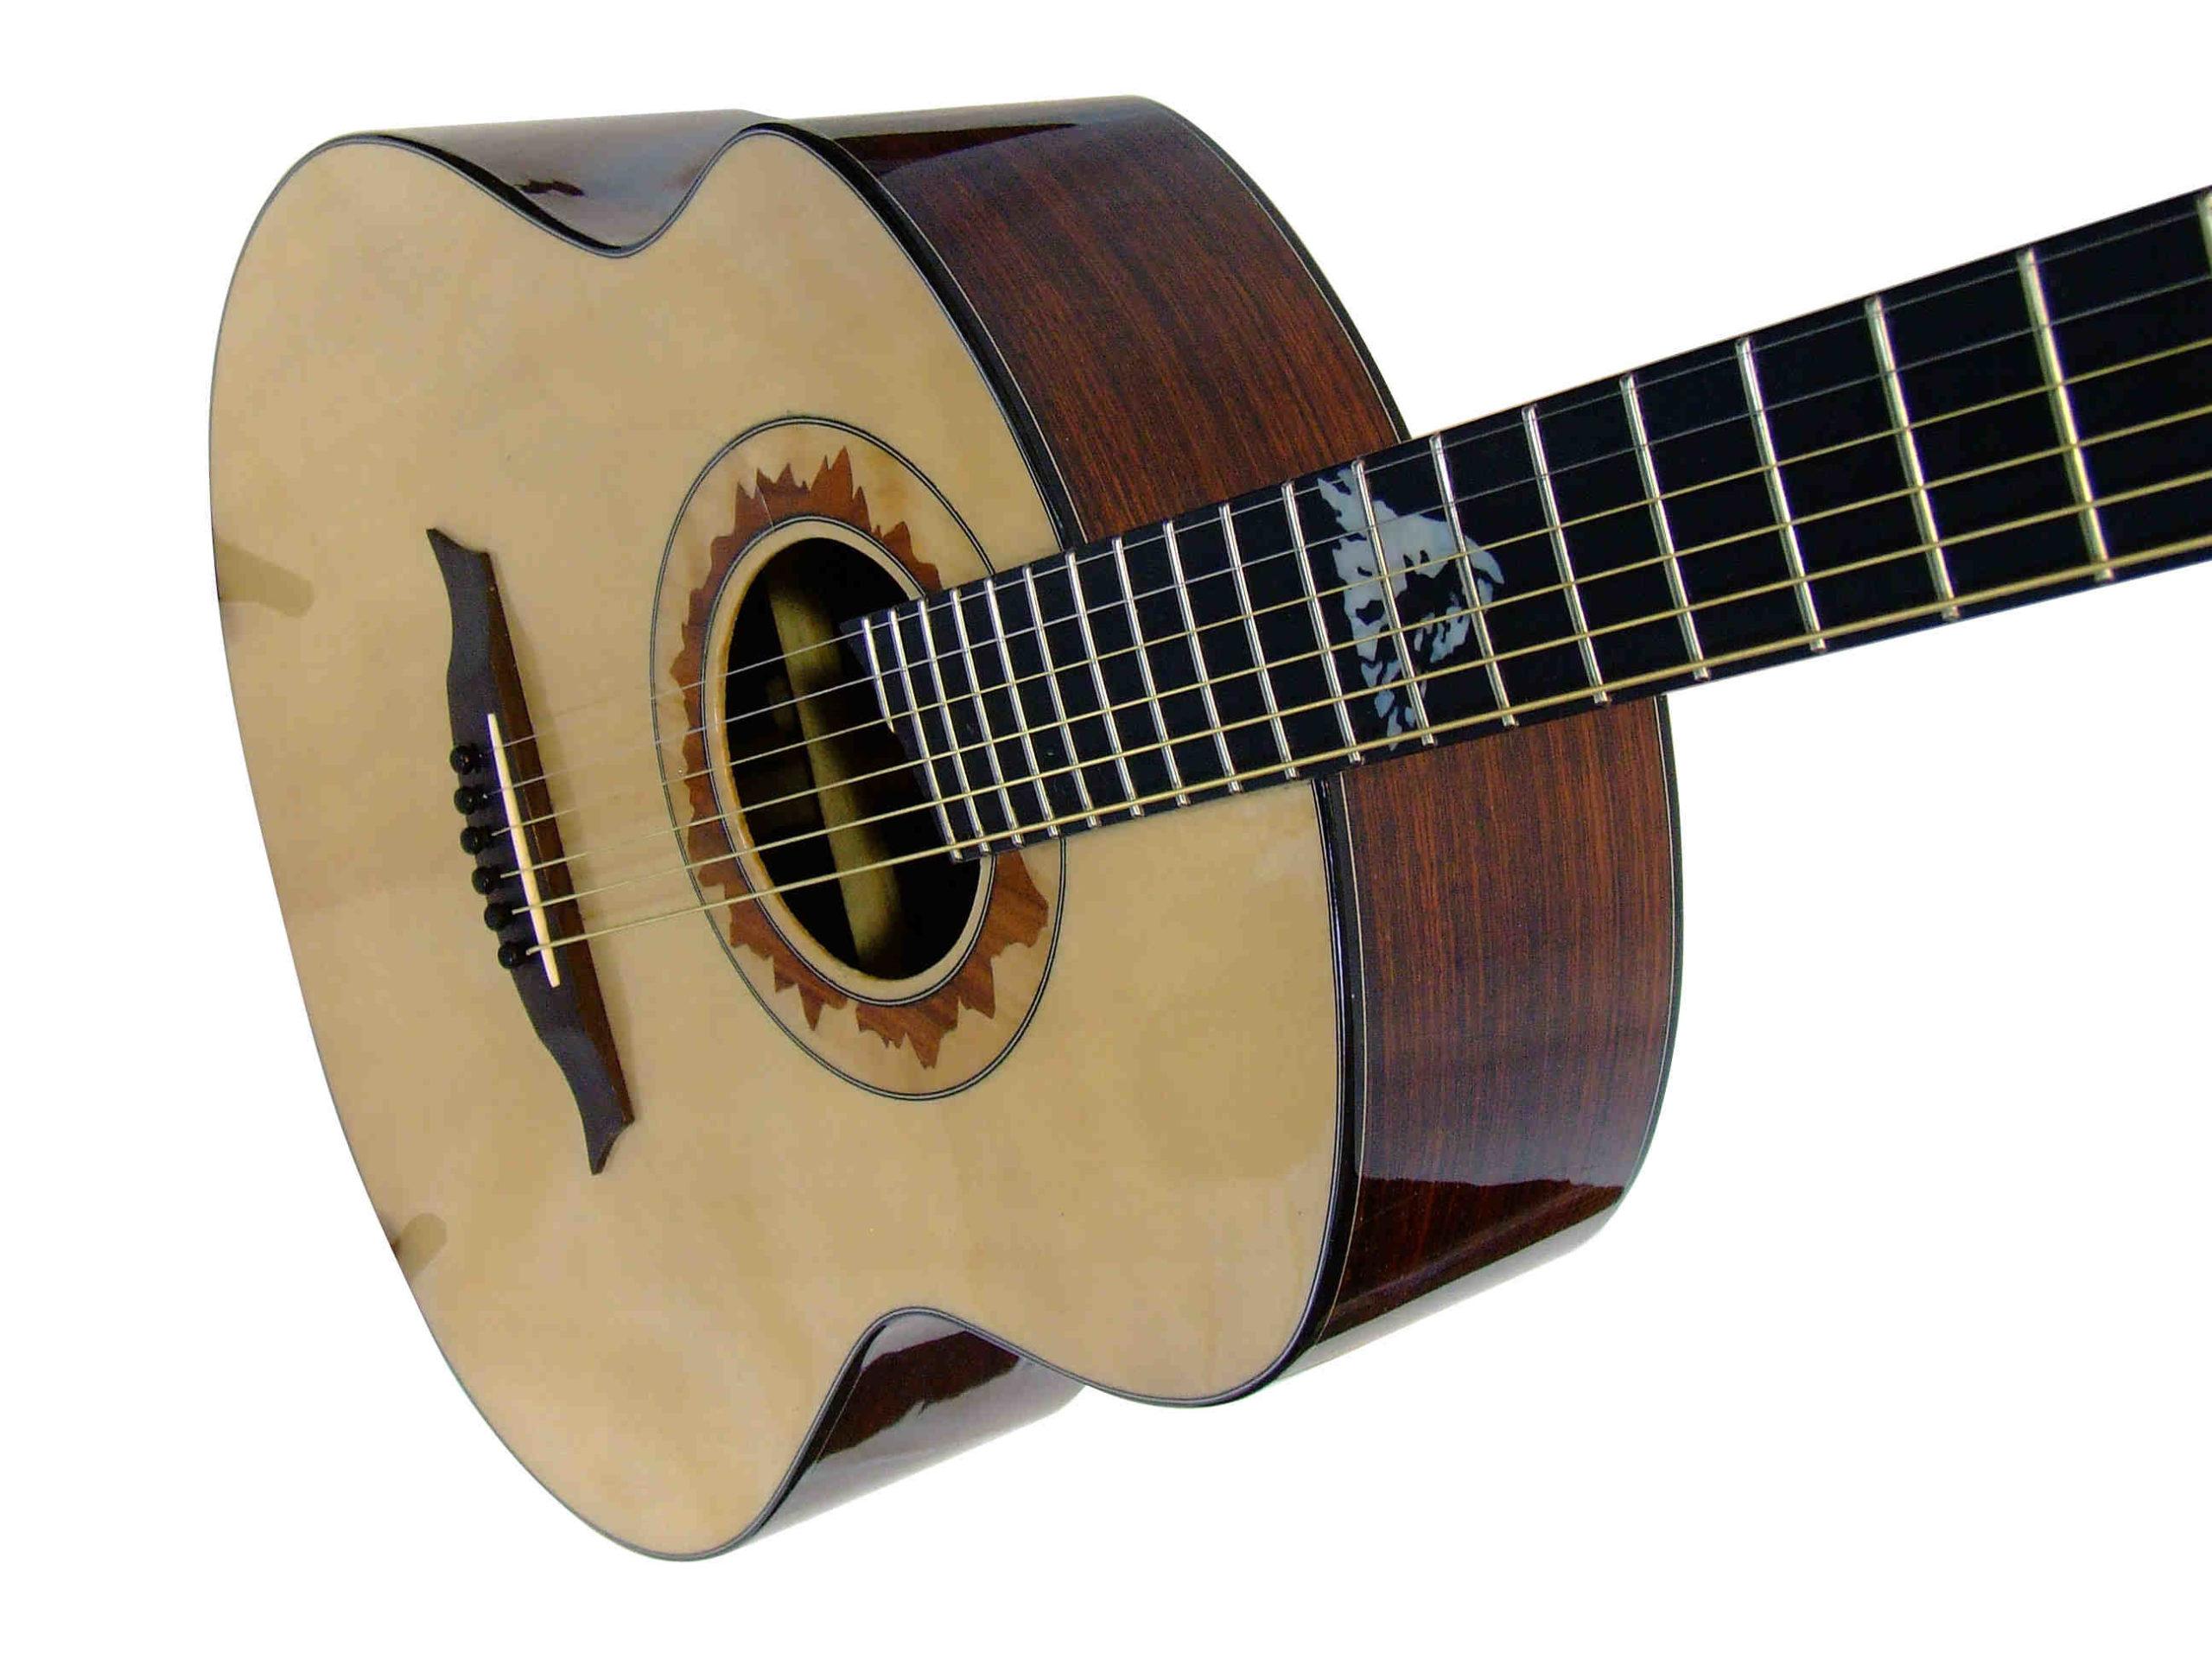 Comment changer les cordes d'une guitare acoustique?